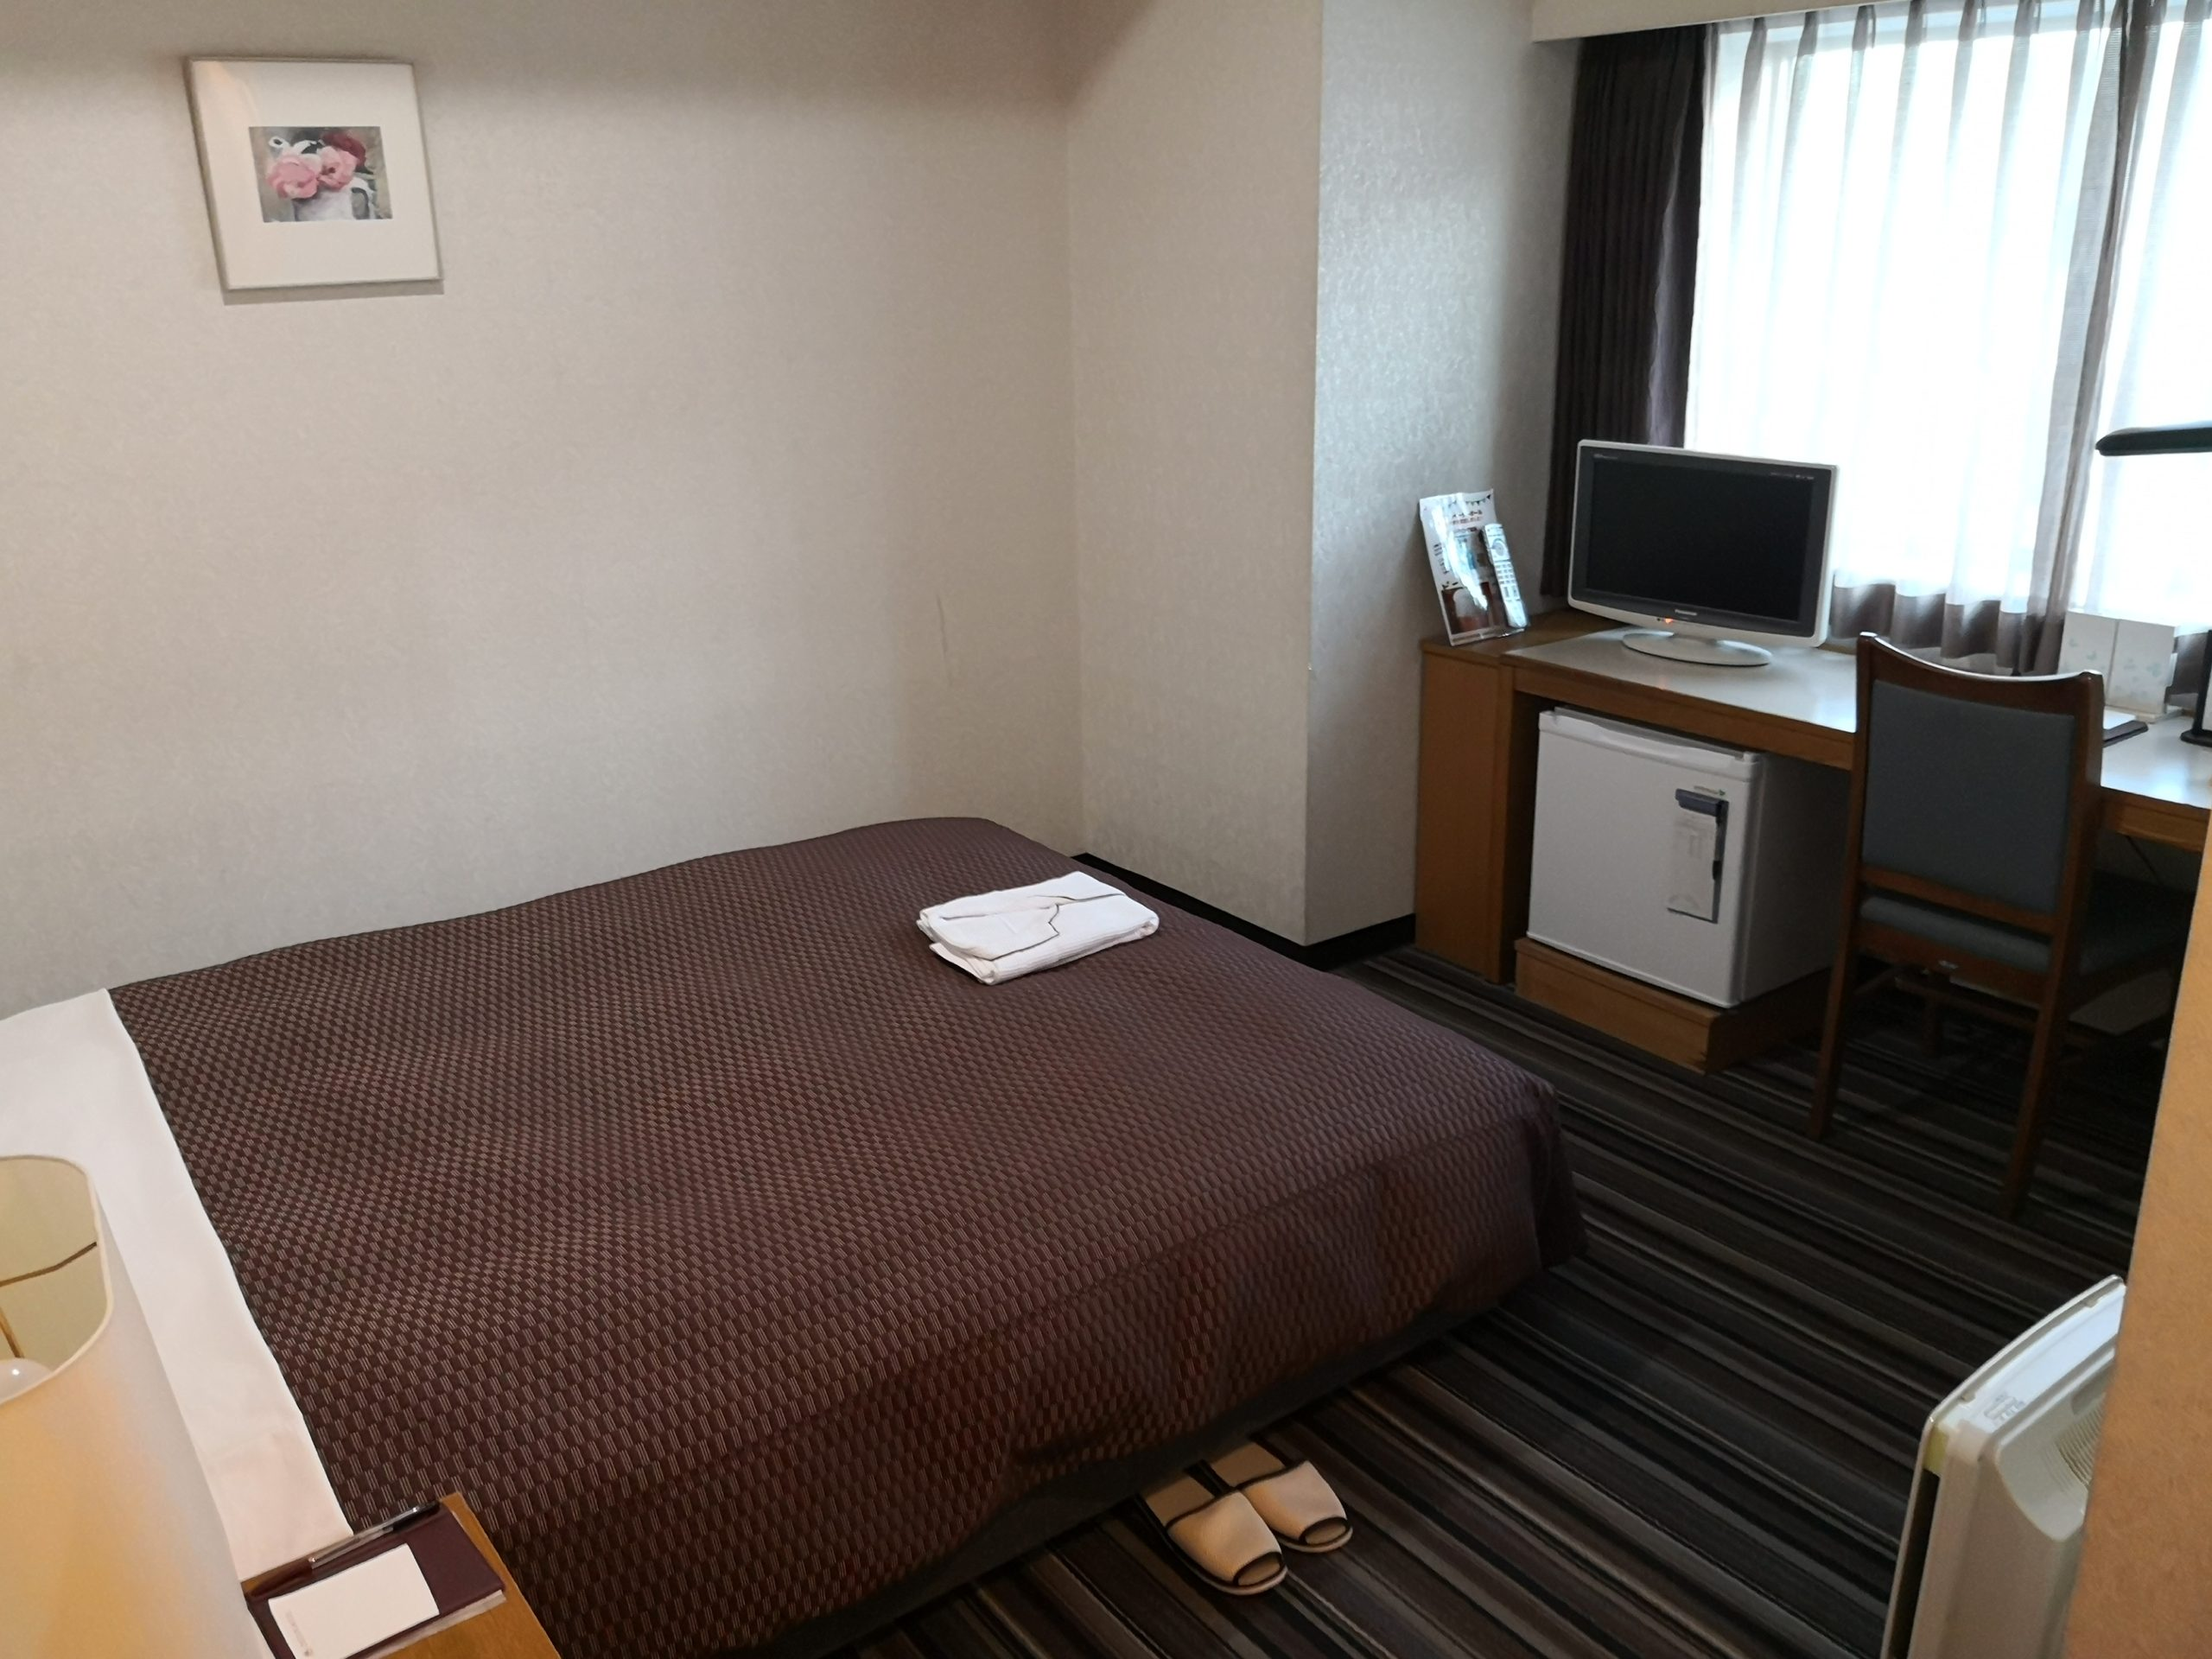 【まるでダンジョン】パルコ中の不思議空間。名古屋クレストンホテルに泊まってみた